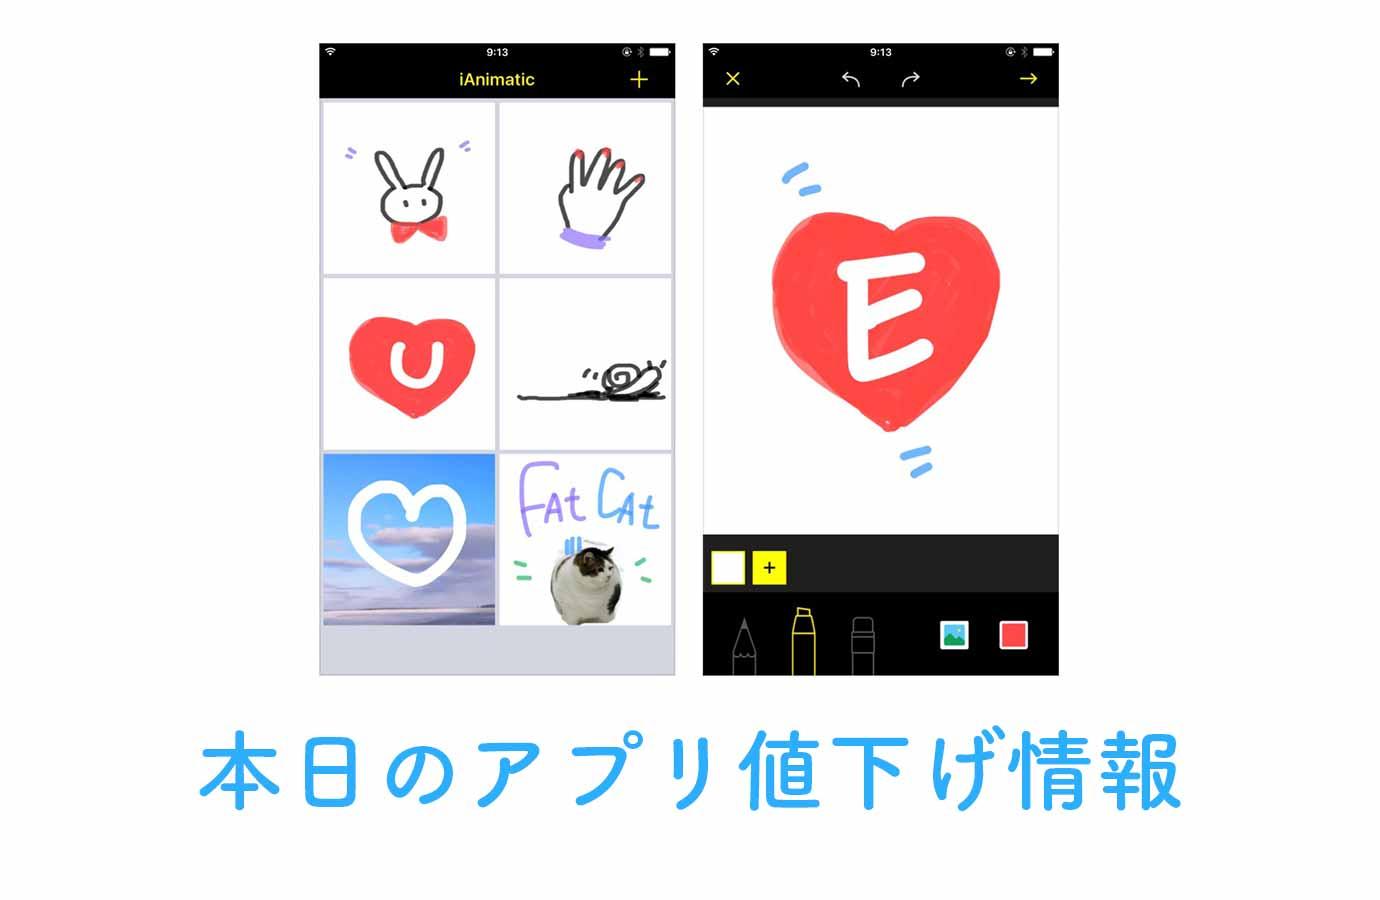 120円→無料!自分で描いた絵をGIFアニメに変換できる「iAnimatic Pro」など【8/24版】アプリ値下げ情報